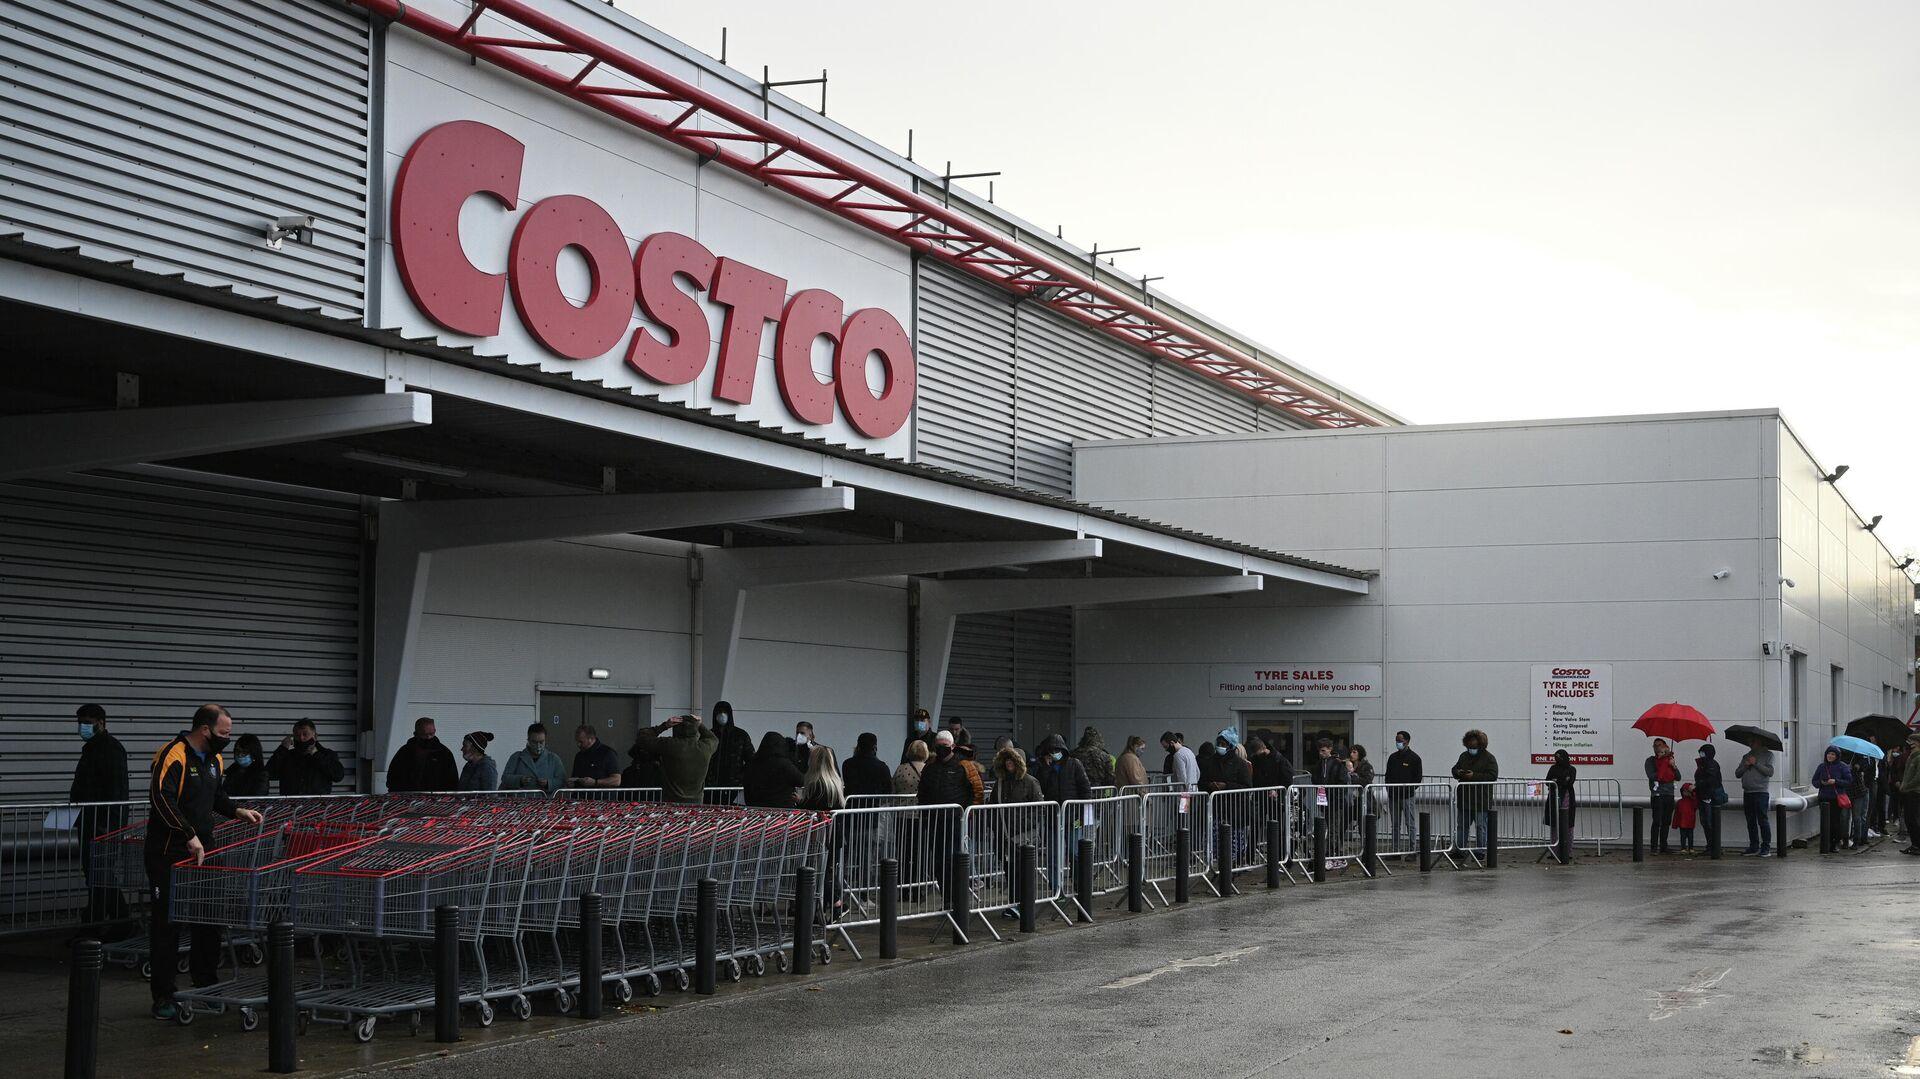 Очередь на вход в супермаркет Costco в Лидсе, Великобритания - РИА Новости, 1920, 13.12.2020